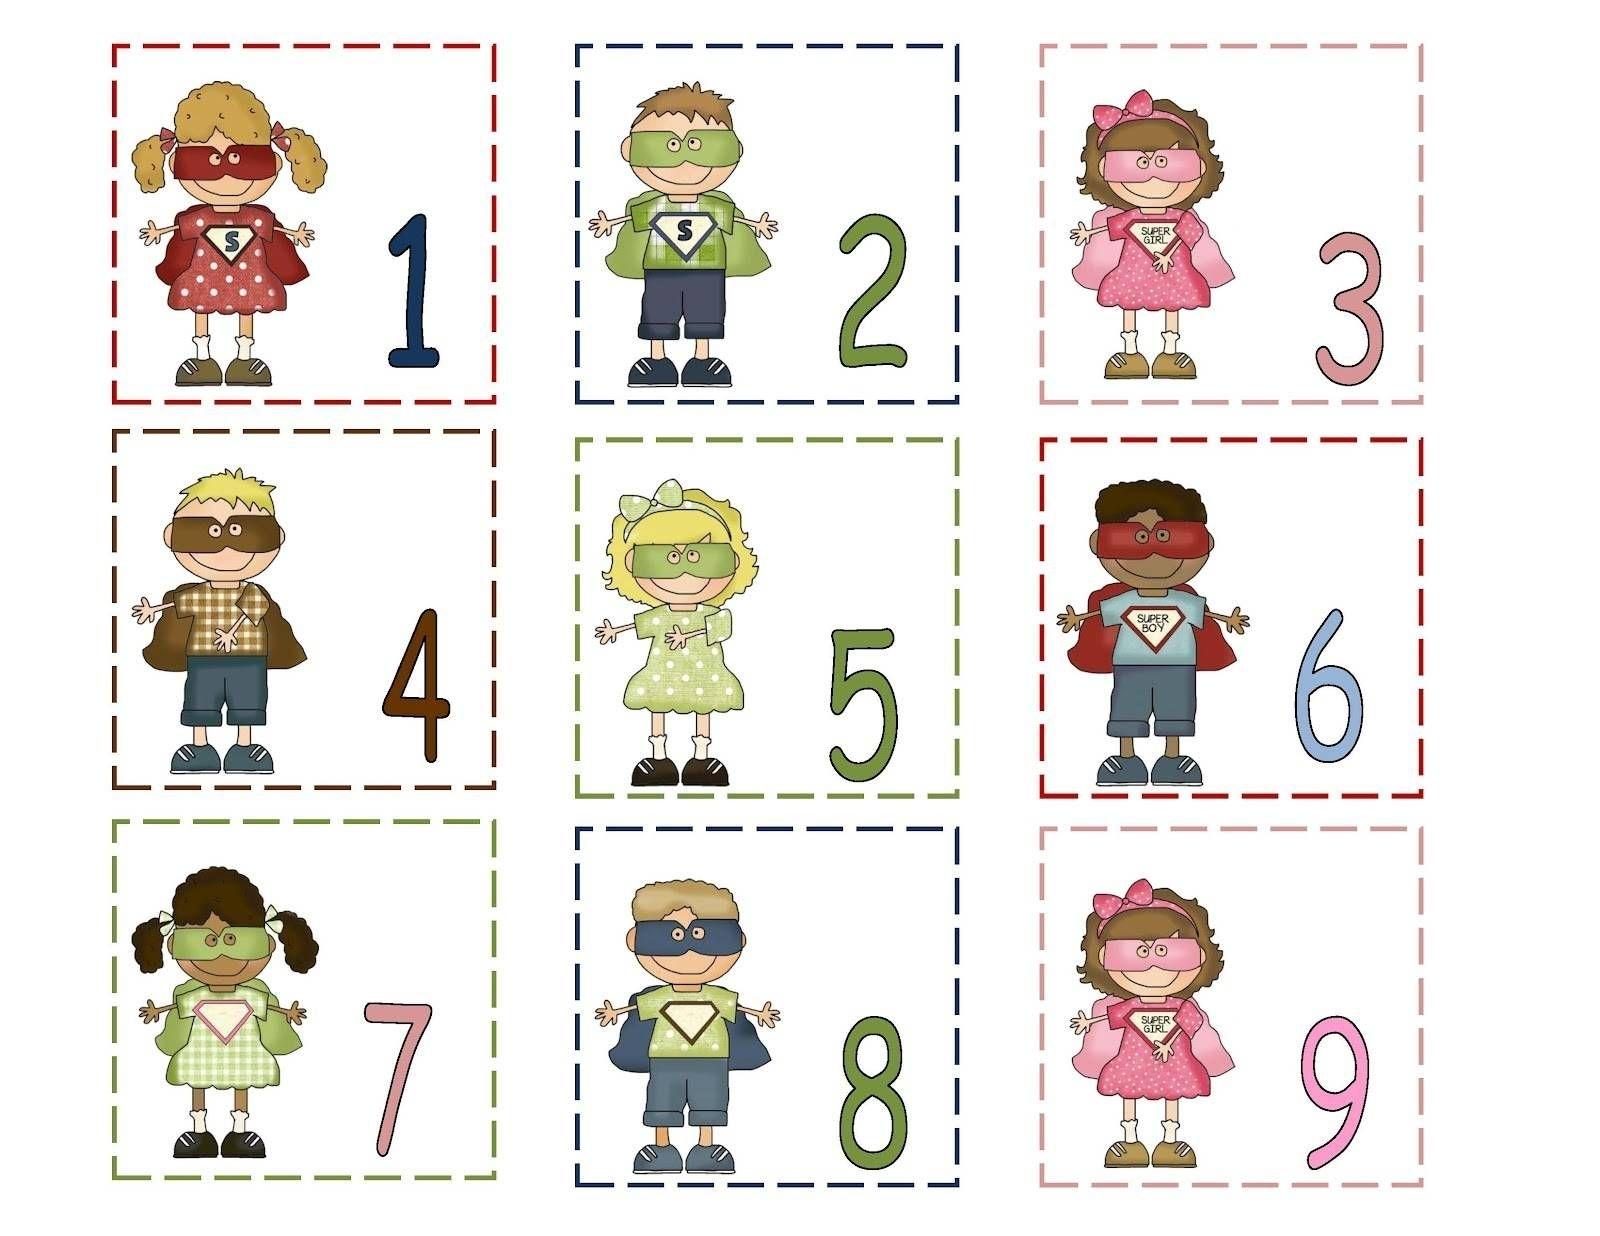 Free Printable Calendar Numbers 1-31 | 1 | Preschool Printables inside Calendar Numbers 1-31 To Print